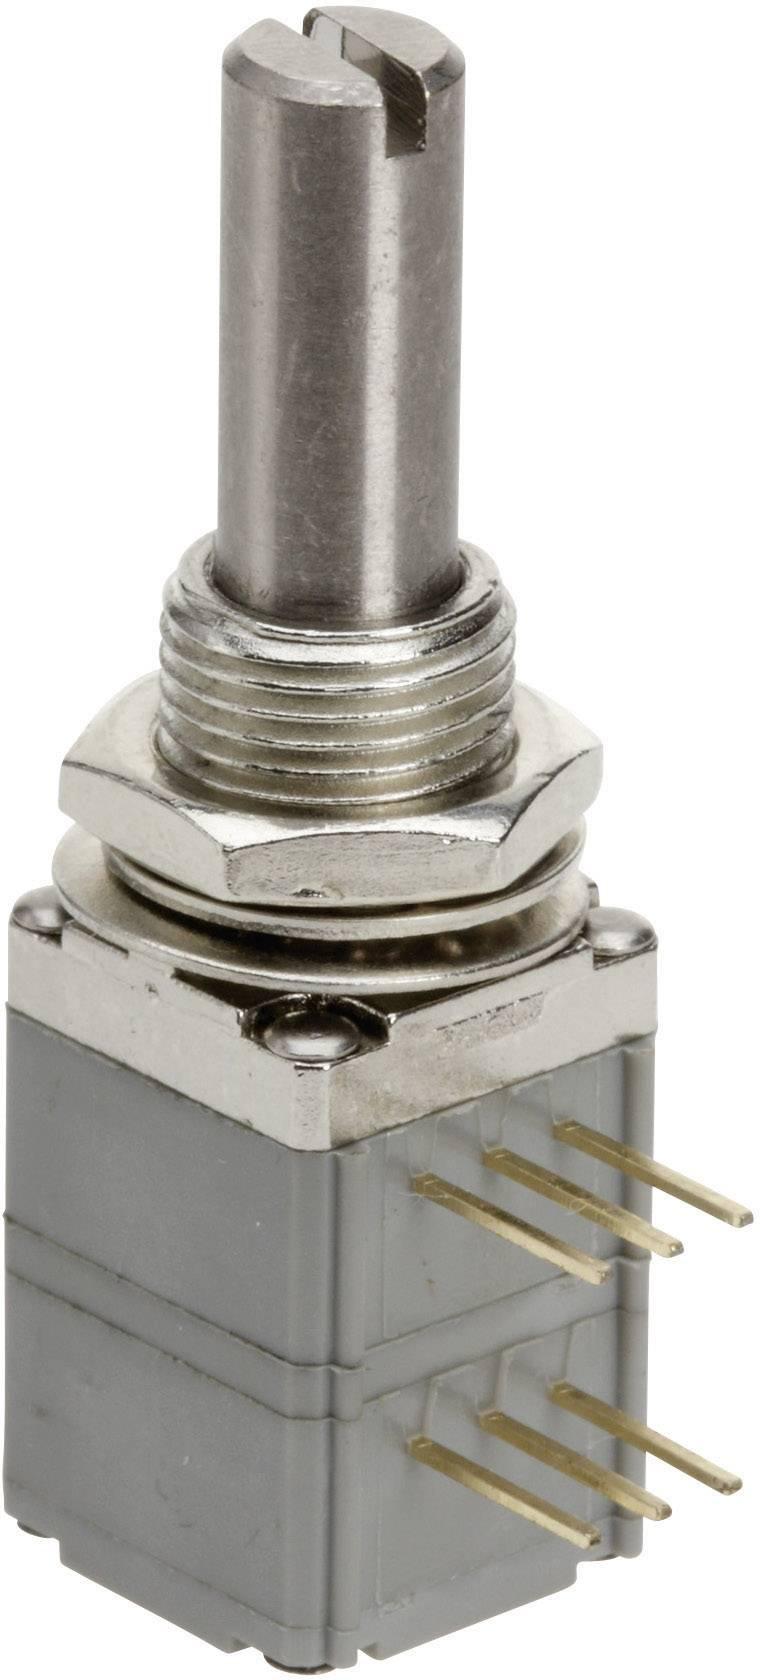 Cermetový potenciometer TT Electro, 4113814960, 50 kΩ, ± 10%